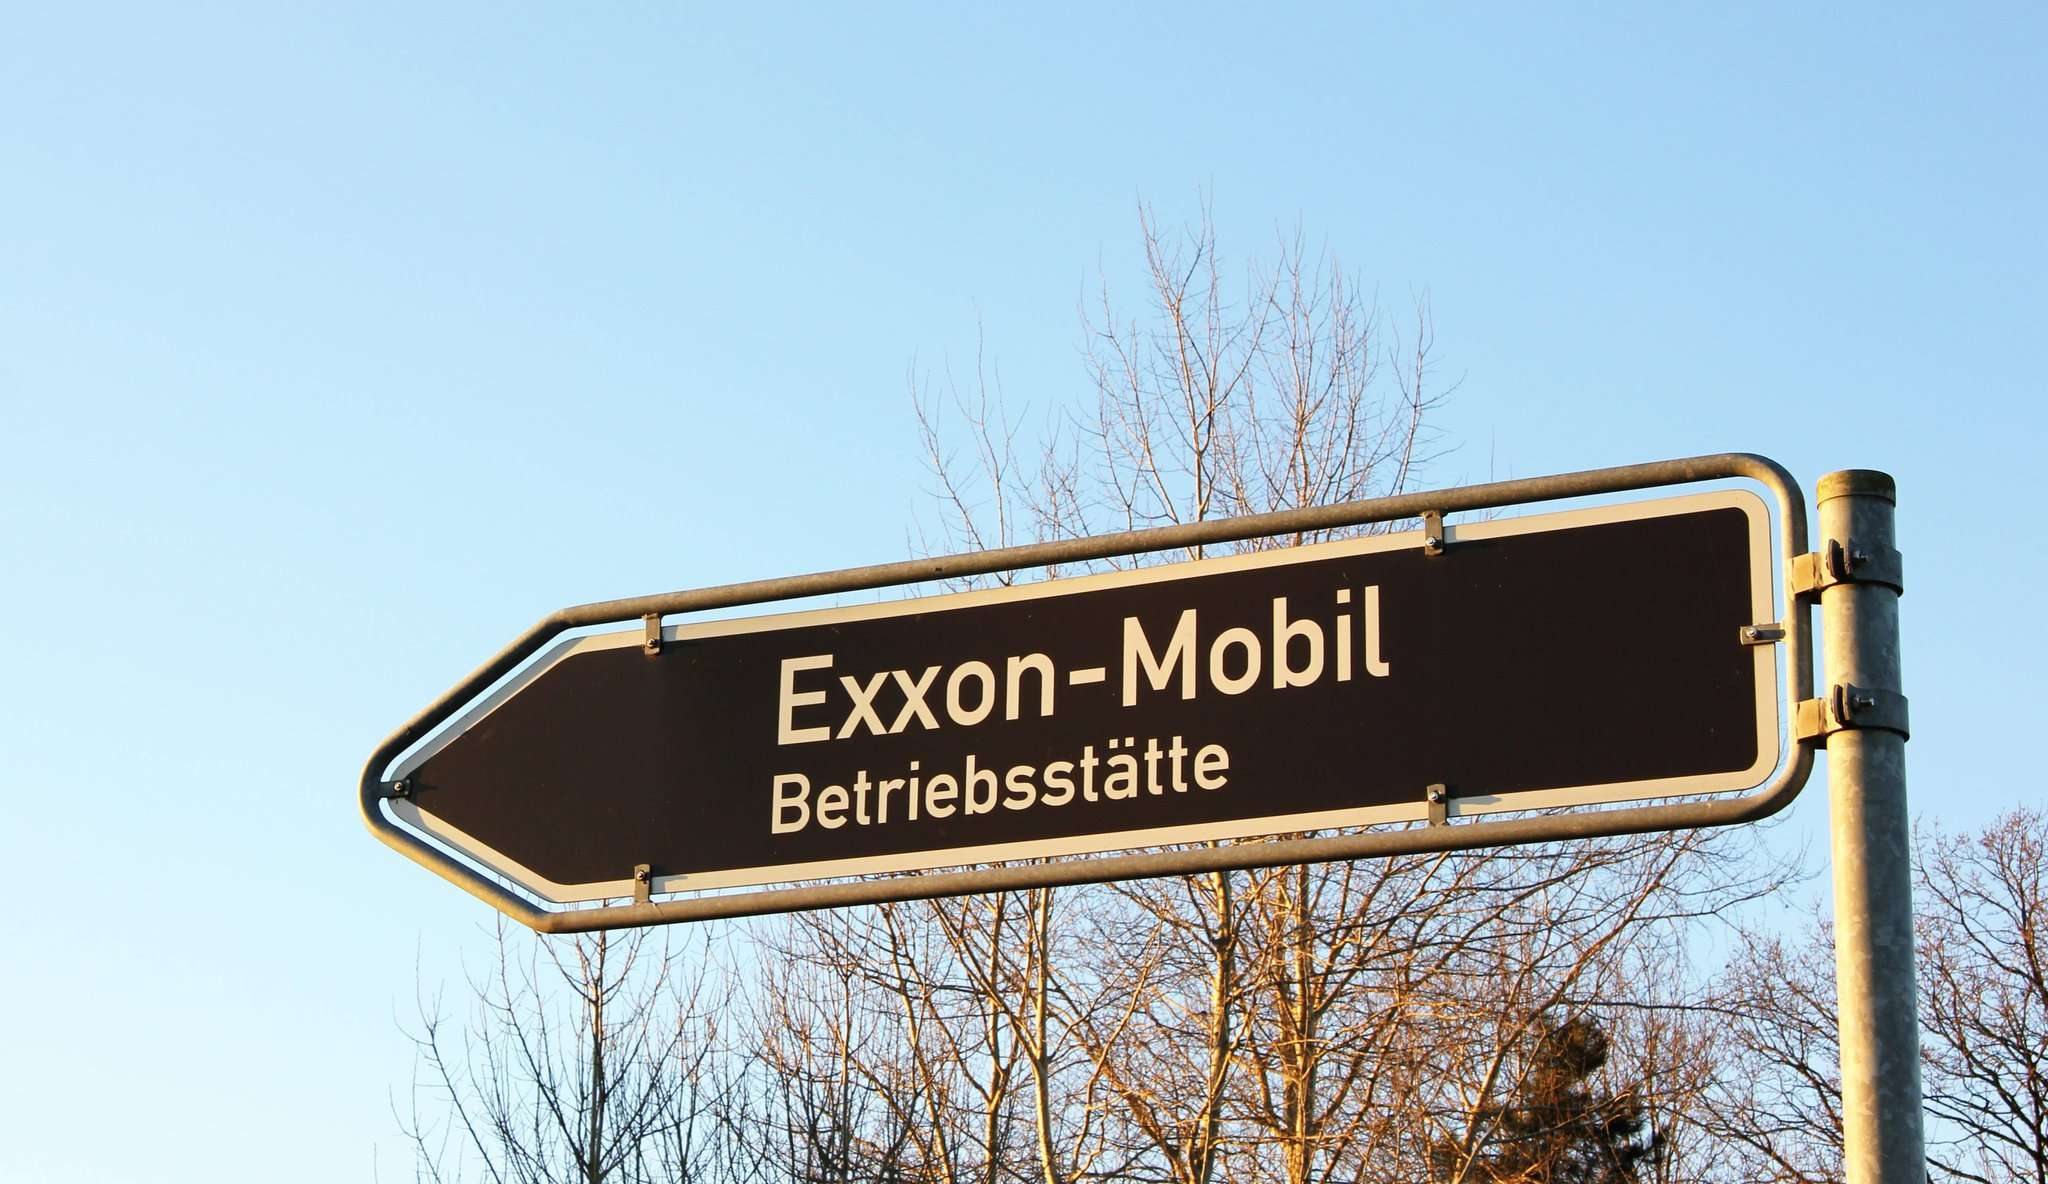 Auf dem Gelände des Exxon-Mobil-Betriebsplatzes in Bellen soll eine Reststoffbehandlungsanlage entstehen. Das Landesbergamt hat nun den Sofortvollzug des umstrittenen Projekts genehmigt. Archivfoto: Nina Baucke